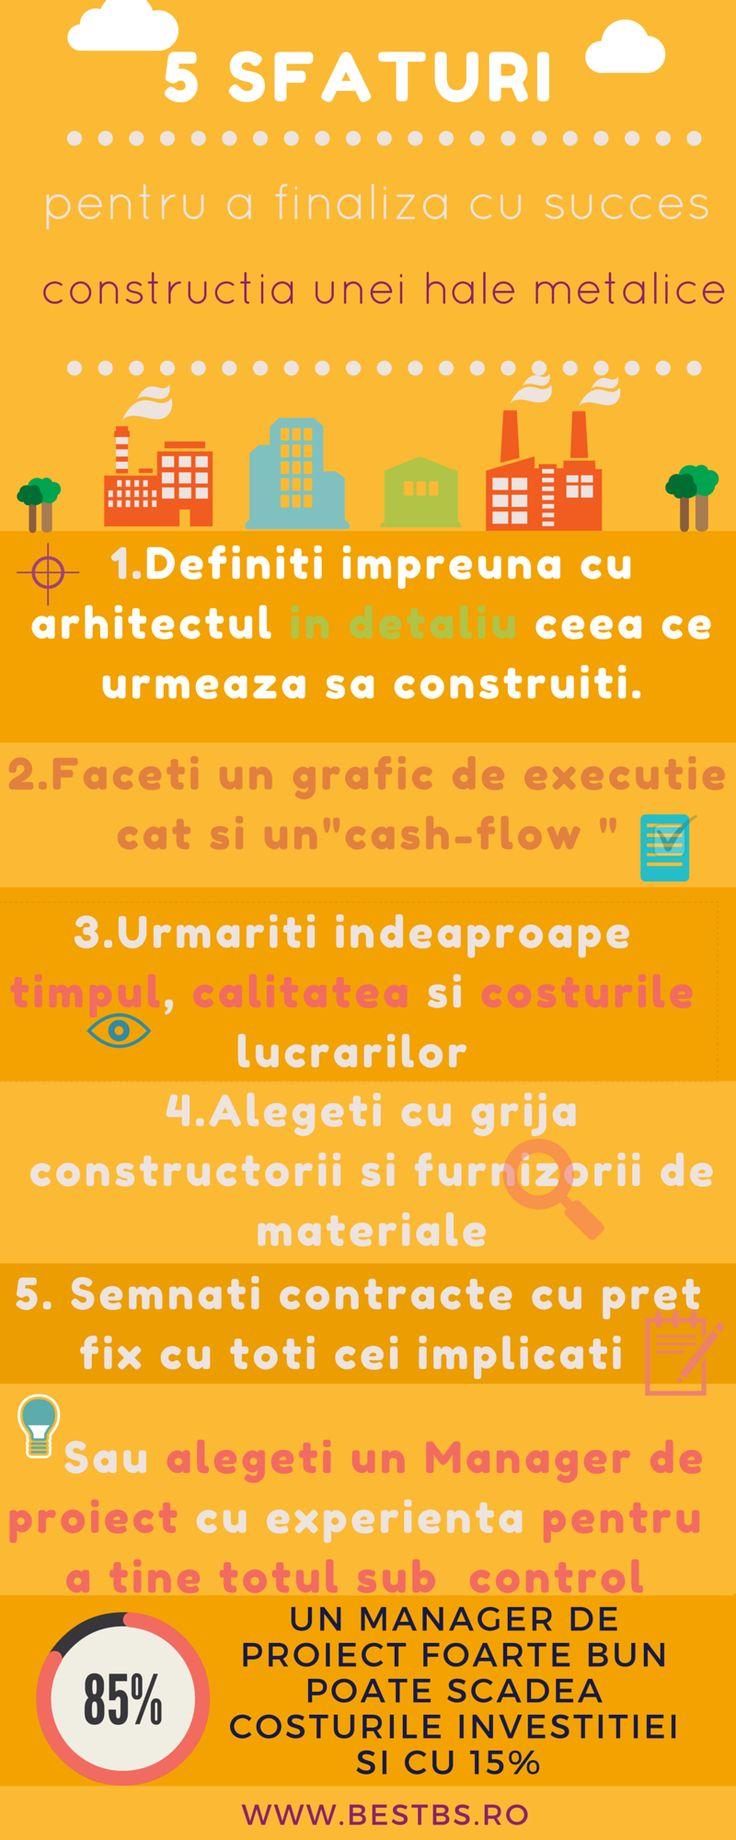 Sfaturi in constructii industriale